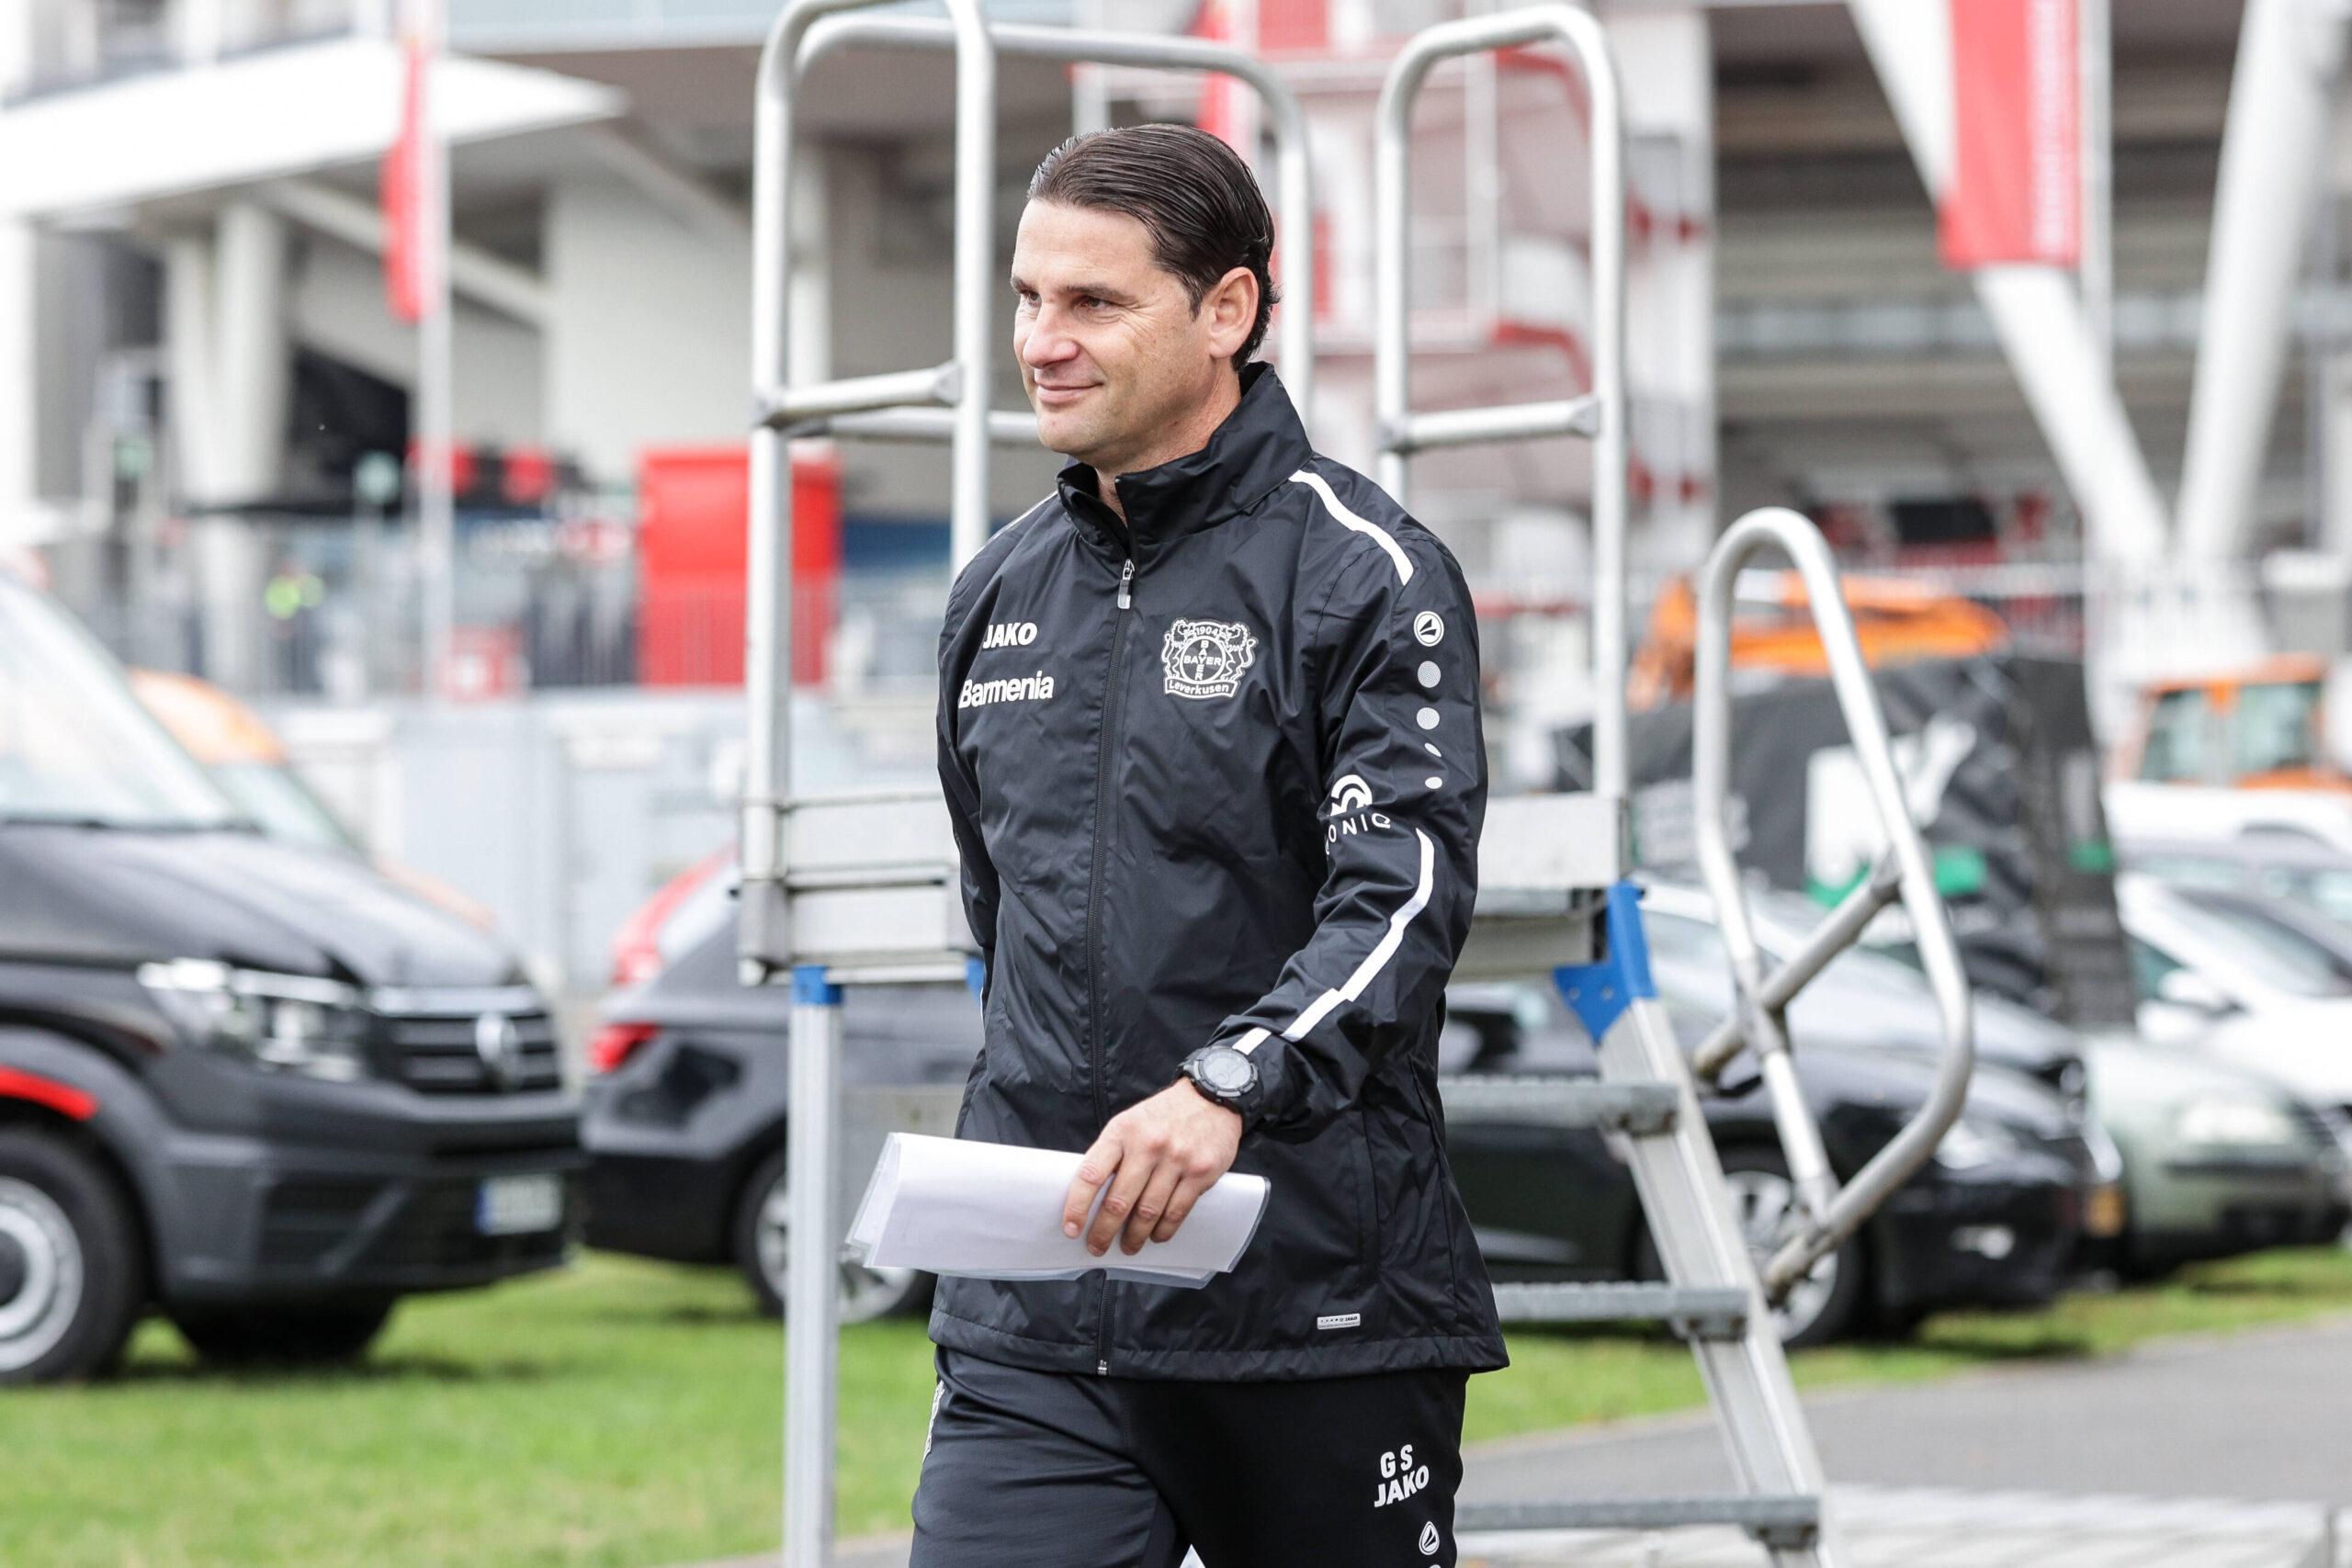 Seone llega al entrenamiento de Bayer Leverkusen. Foto: Imago.